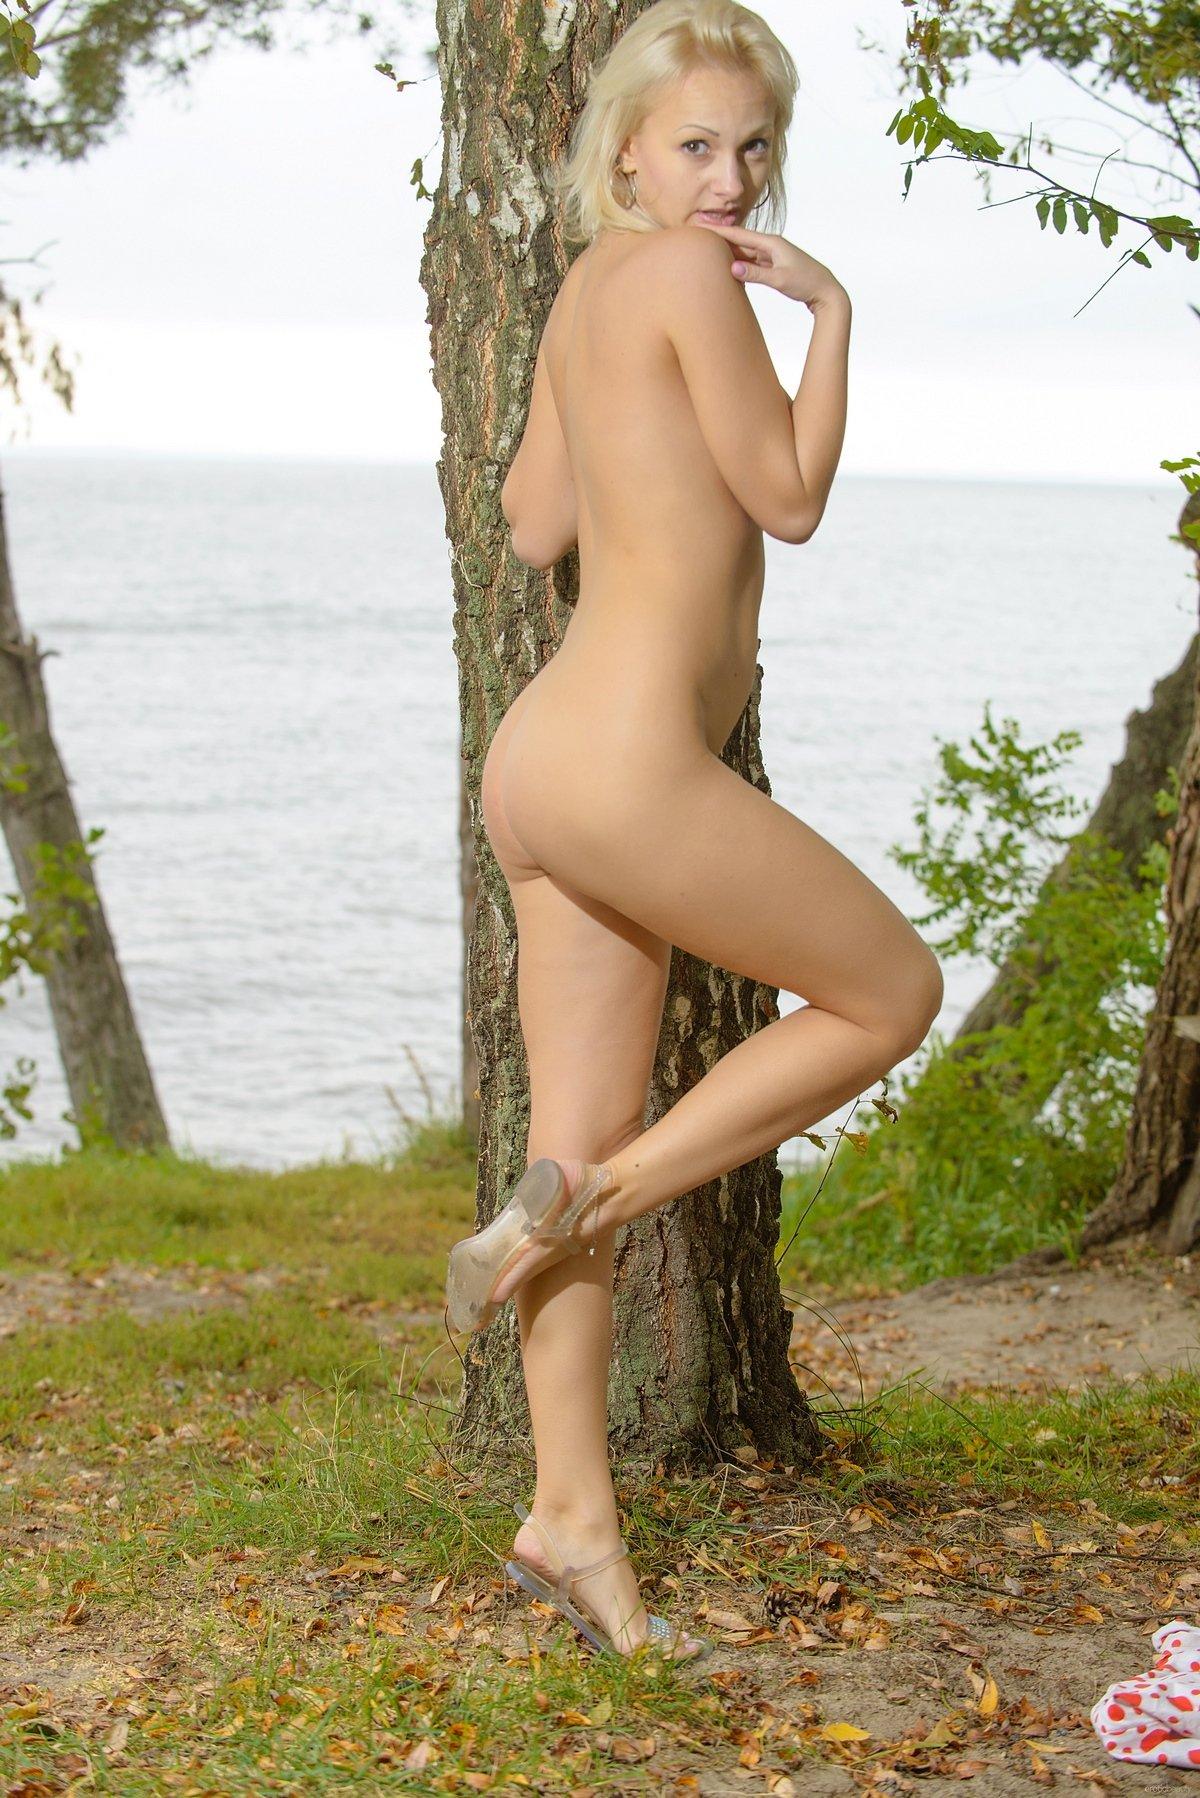 Няшка модель со свелыми волосами растопыривает ноги под деревом